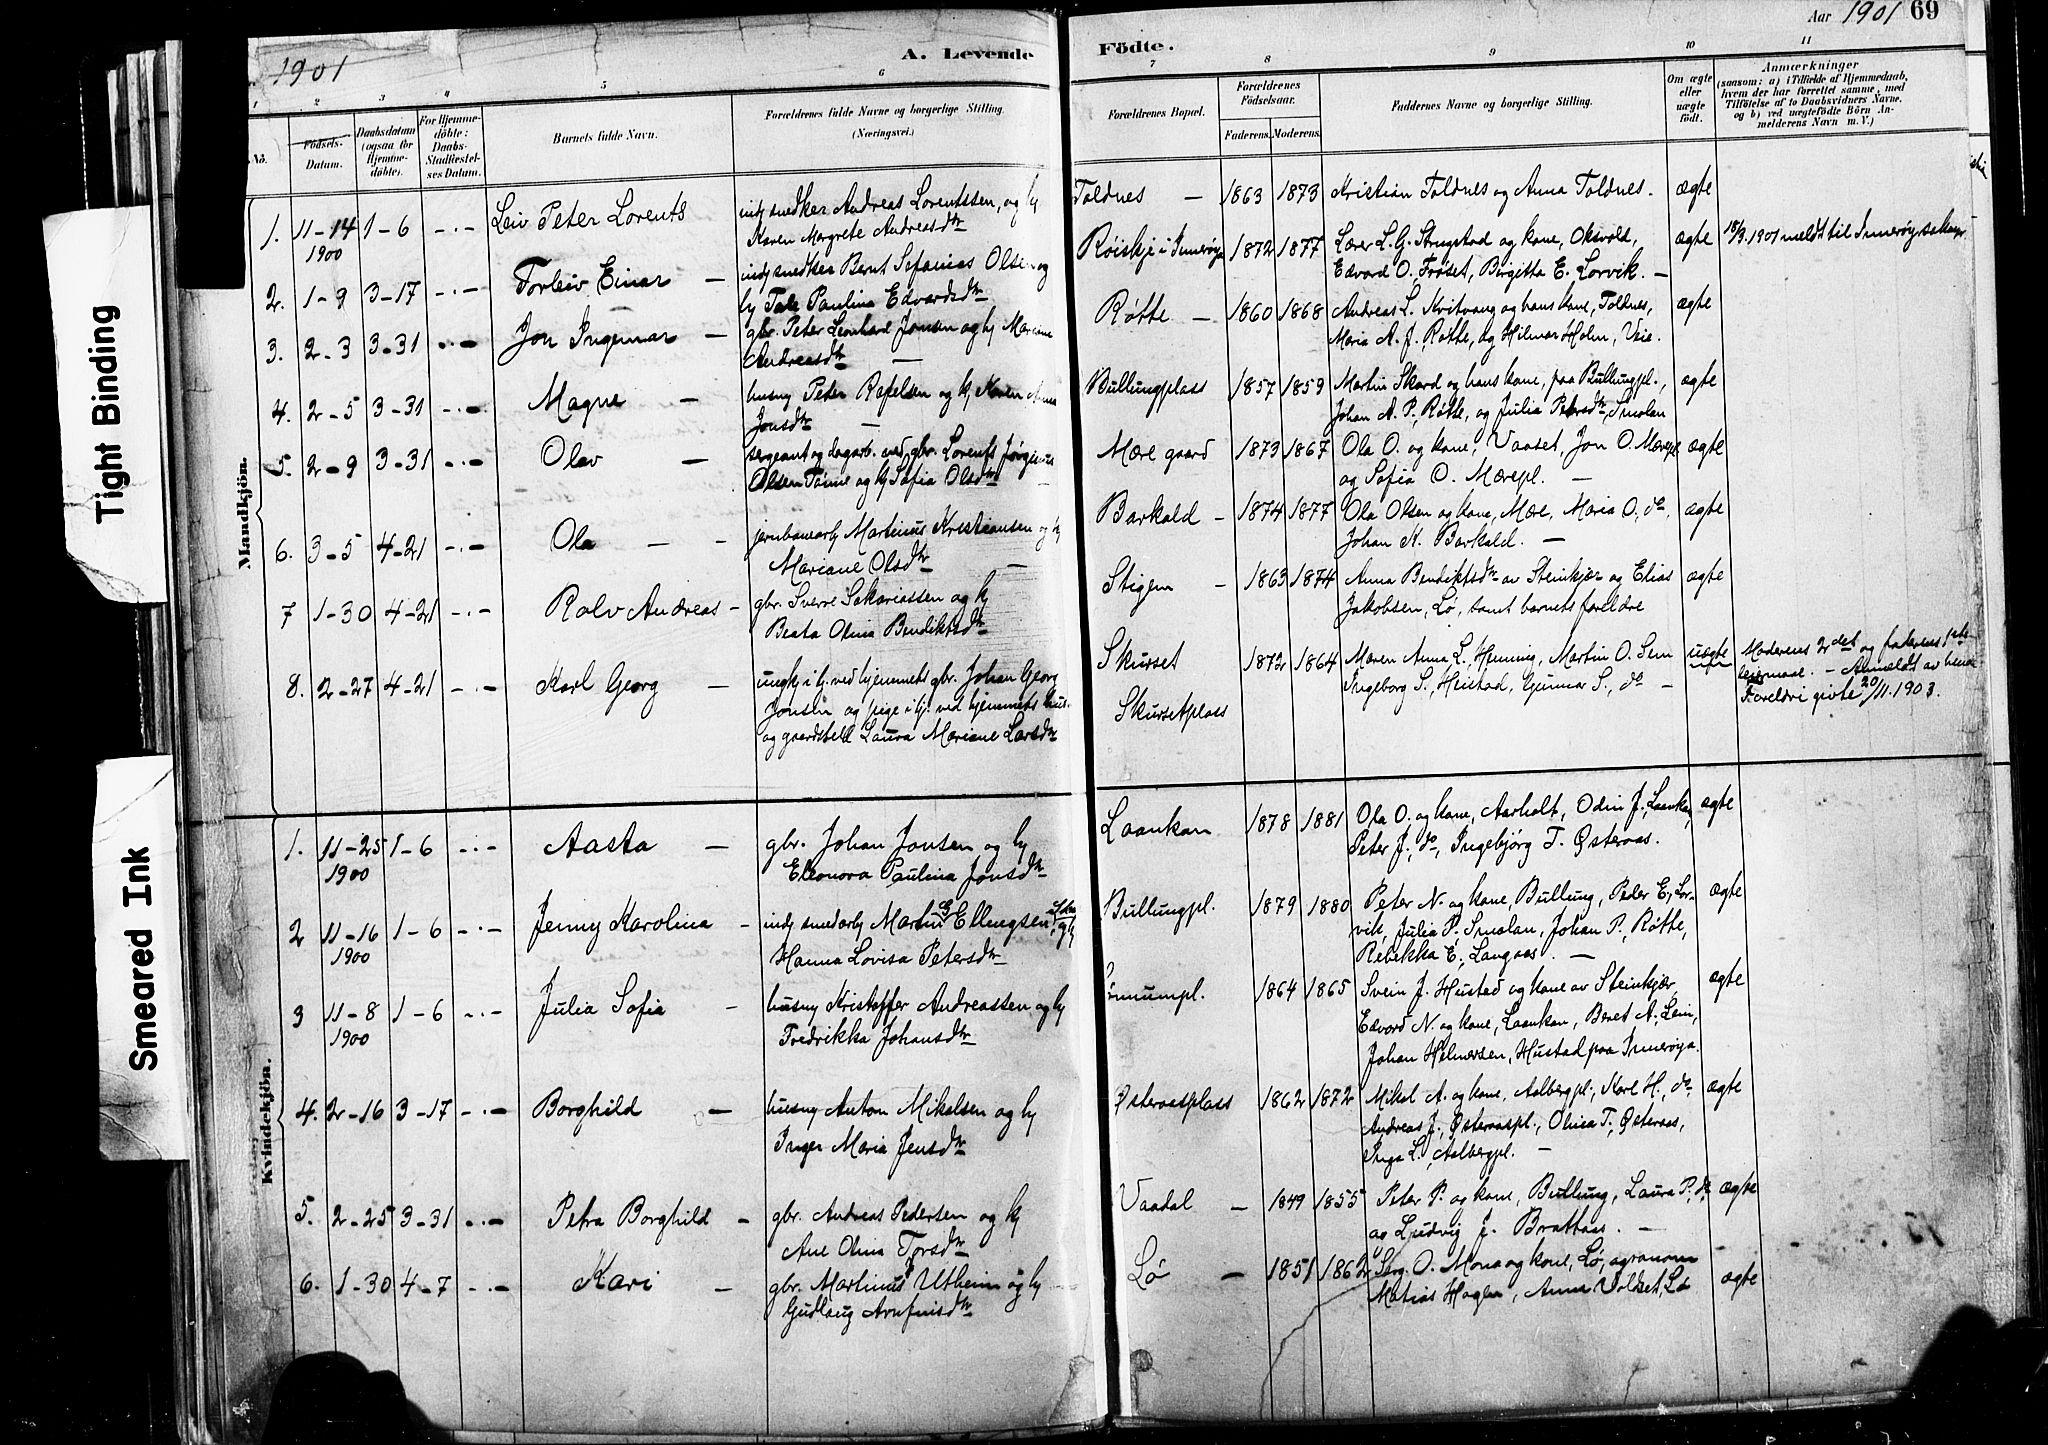 SAT, Ministerialprotokoller, klokkerbøker og fødselsregistre - Nord-Trøndelag, 735/L0351: Ministerialbok nr. 735A10, 1884-1908, s. 69